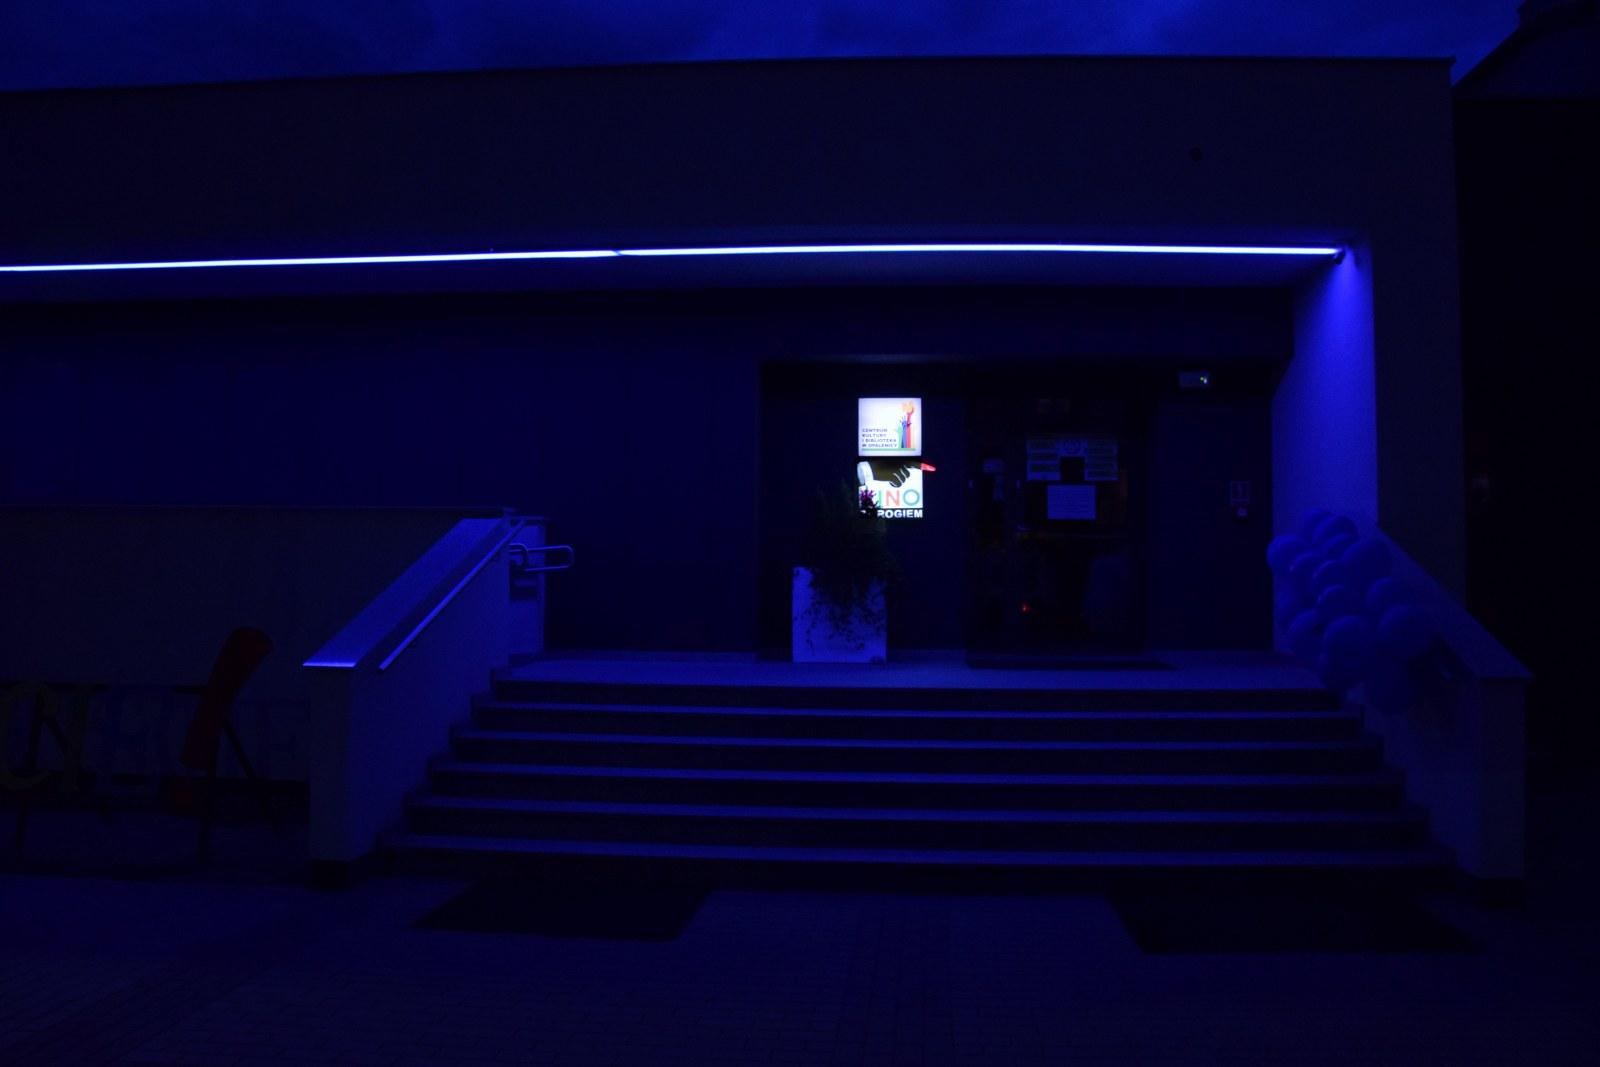 Zdjecie wykonane po zmroku. Wejscie do opalenickiego ckib rozświetlone niebieskim światłem. do poręczy schodów przywiązane niebieskie balony